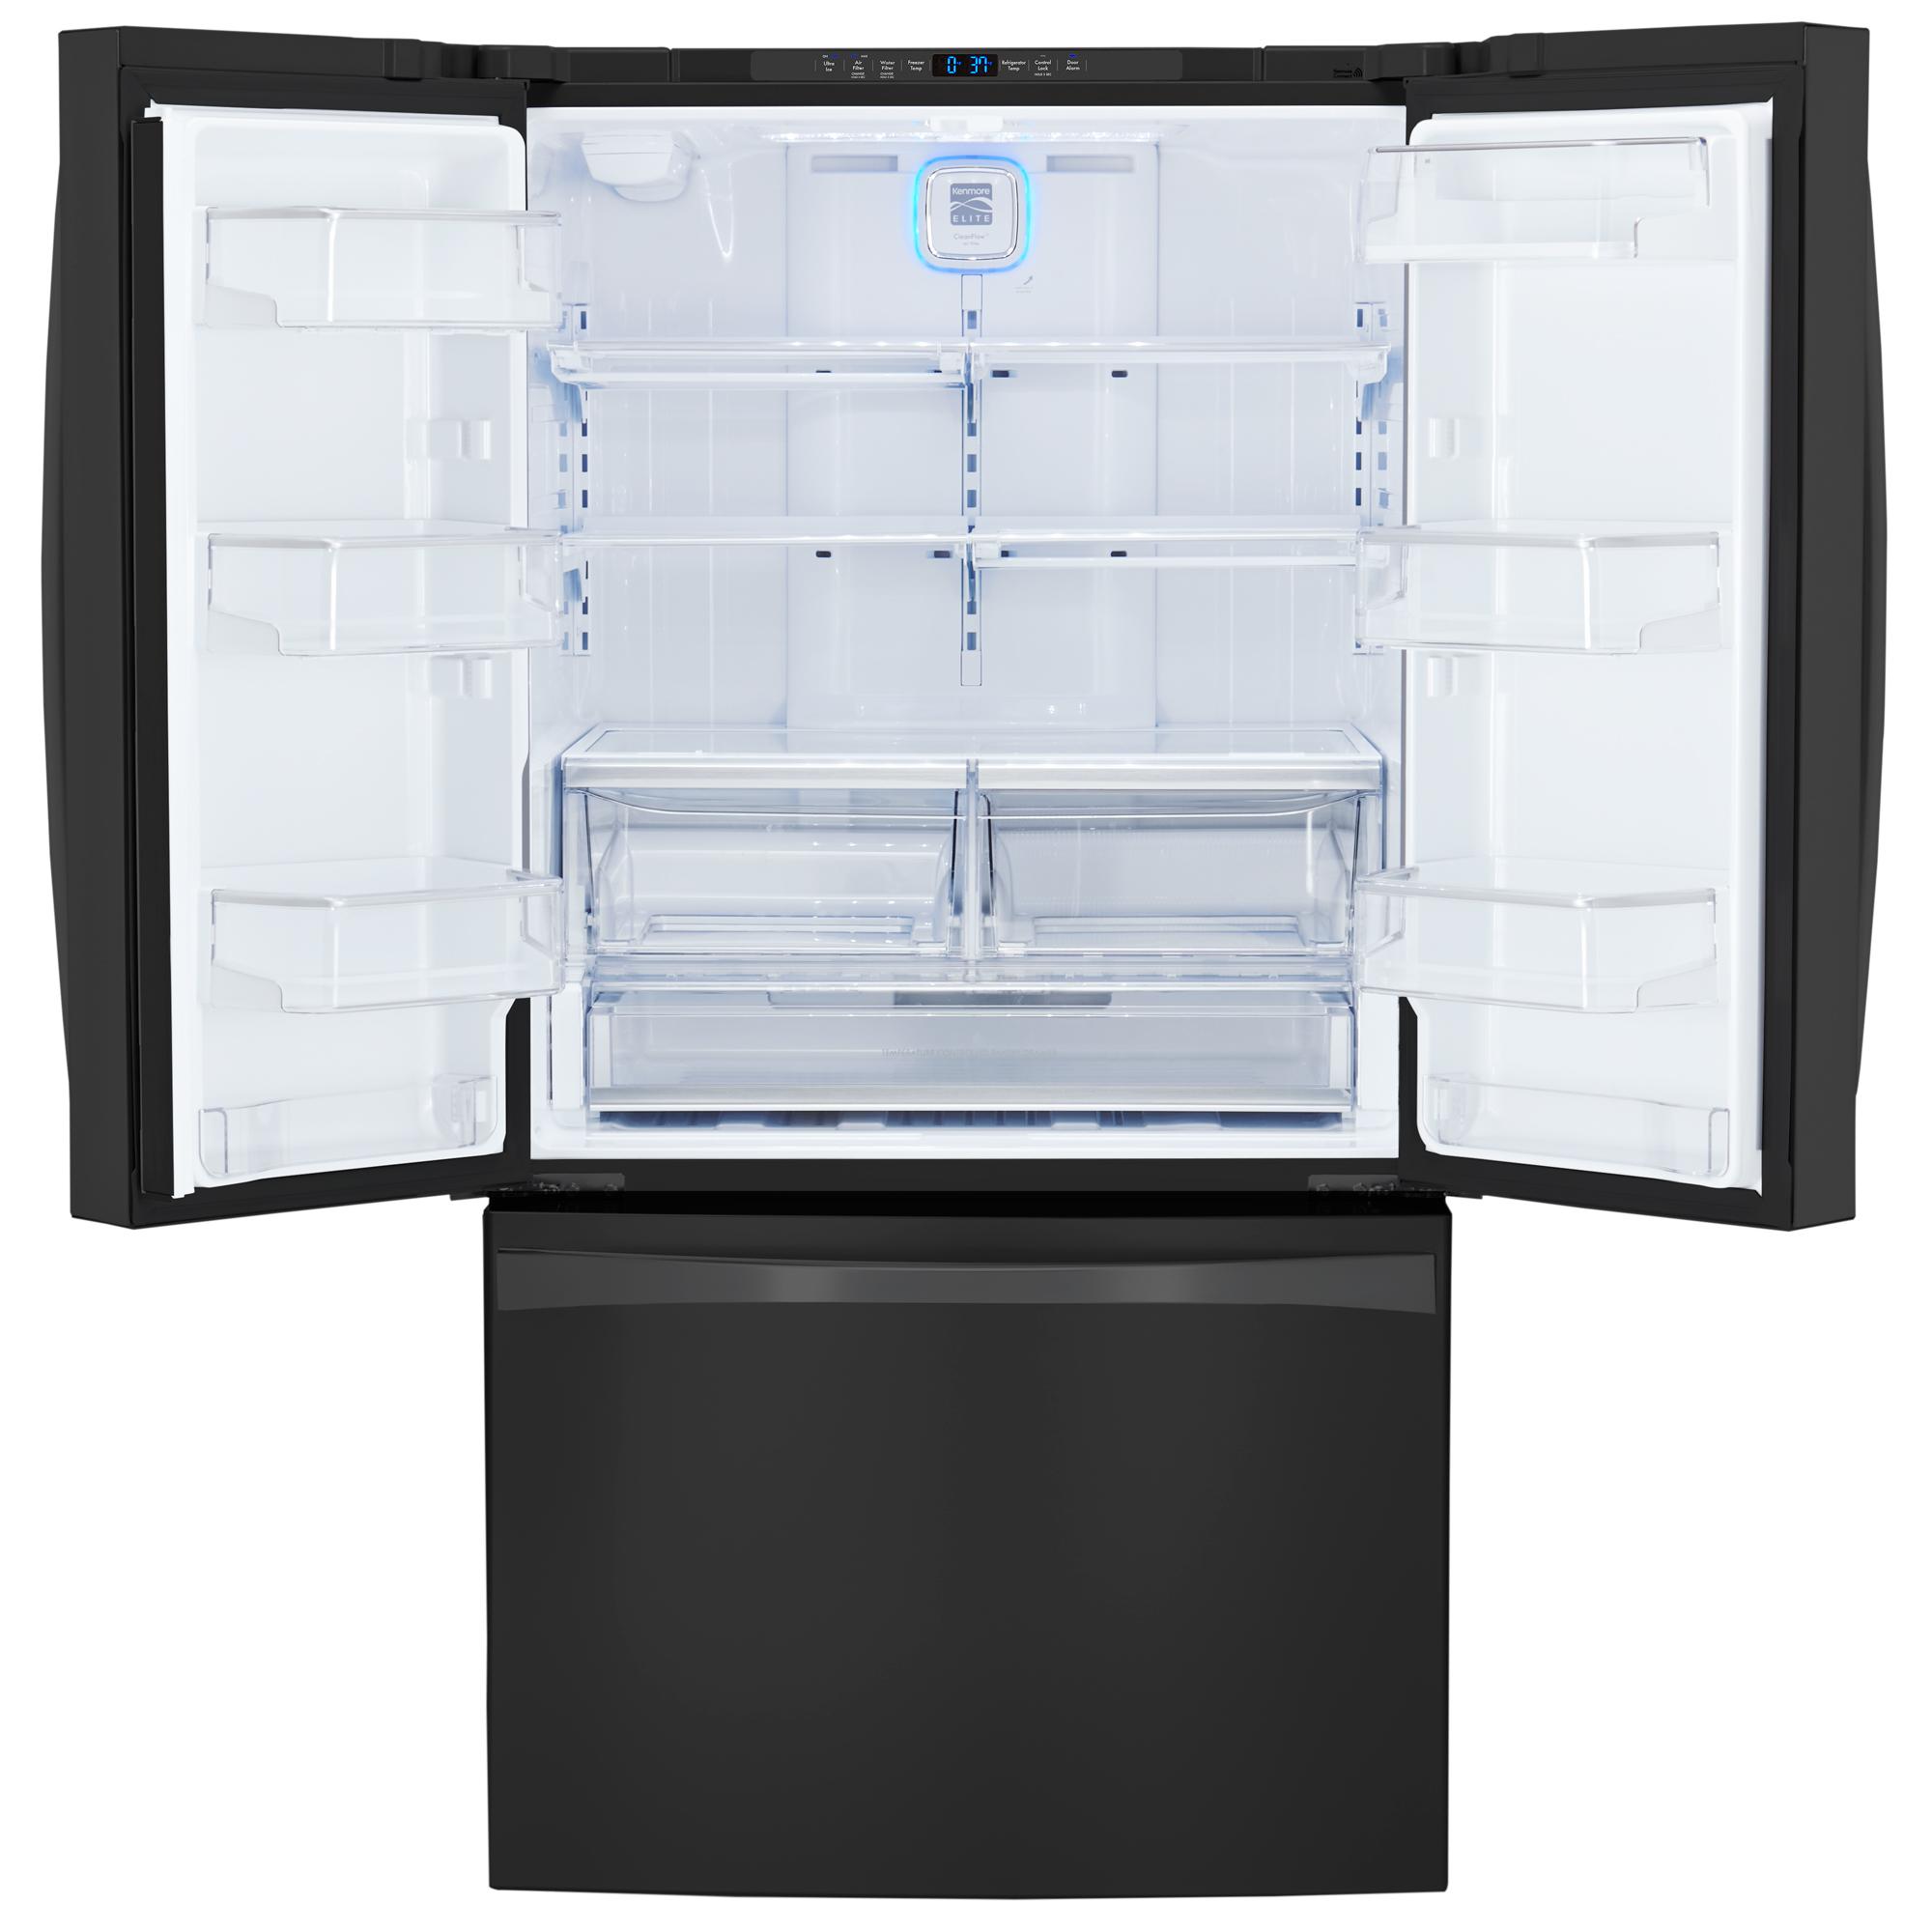 Kenmore Elite 74019 30.6 cu.ft. French Door Bottom-Freezer Refrigerator